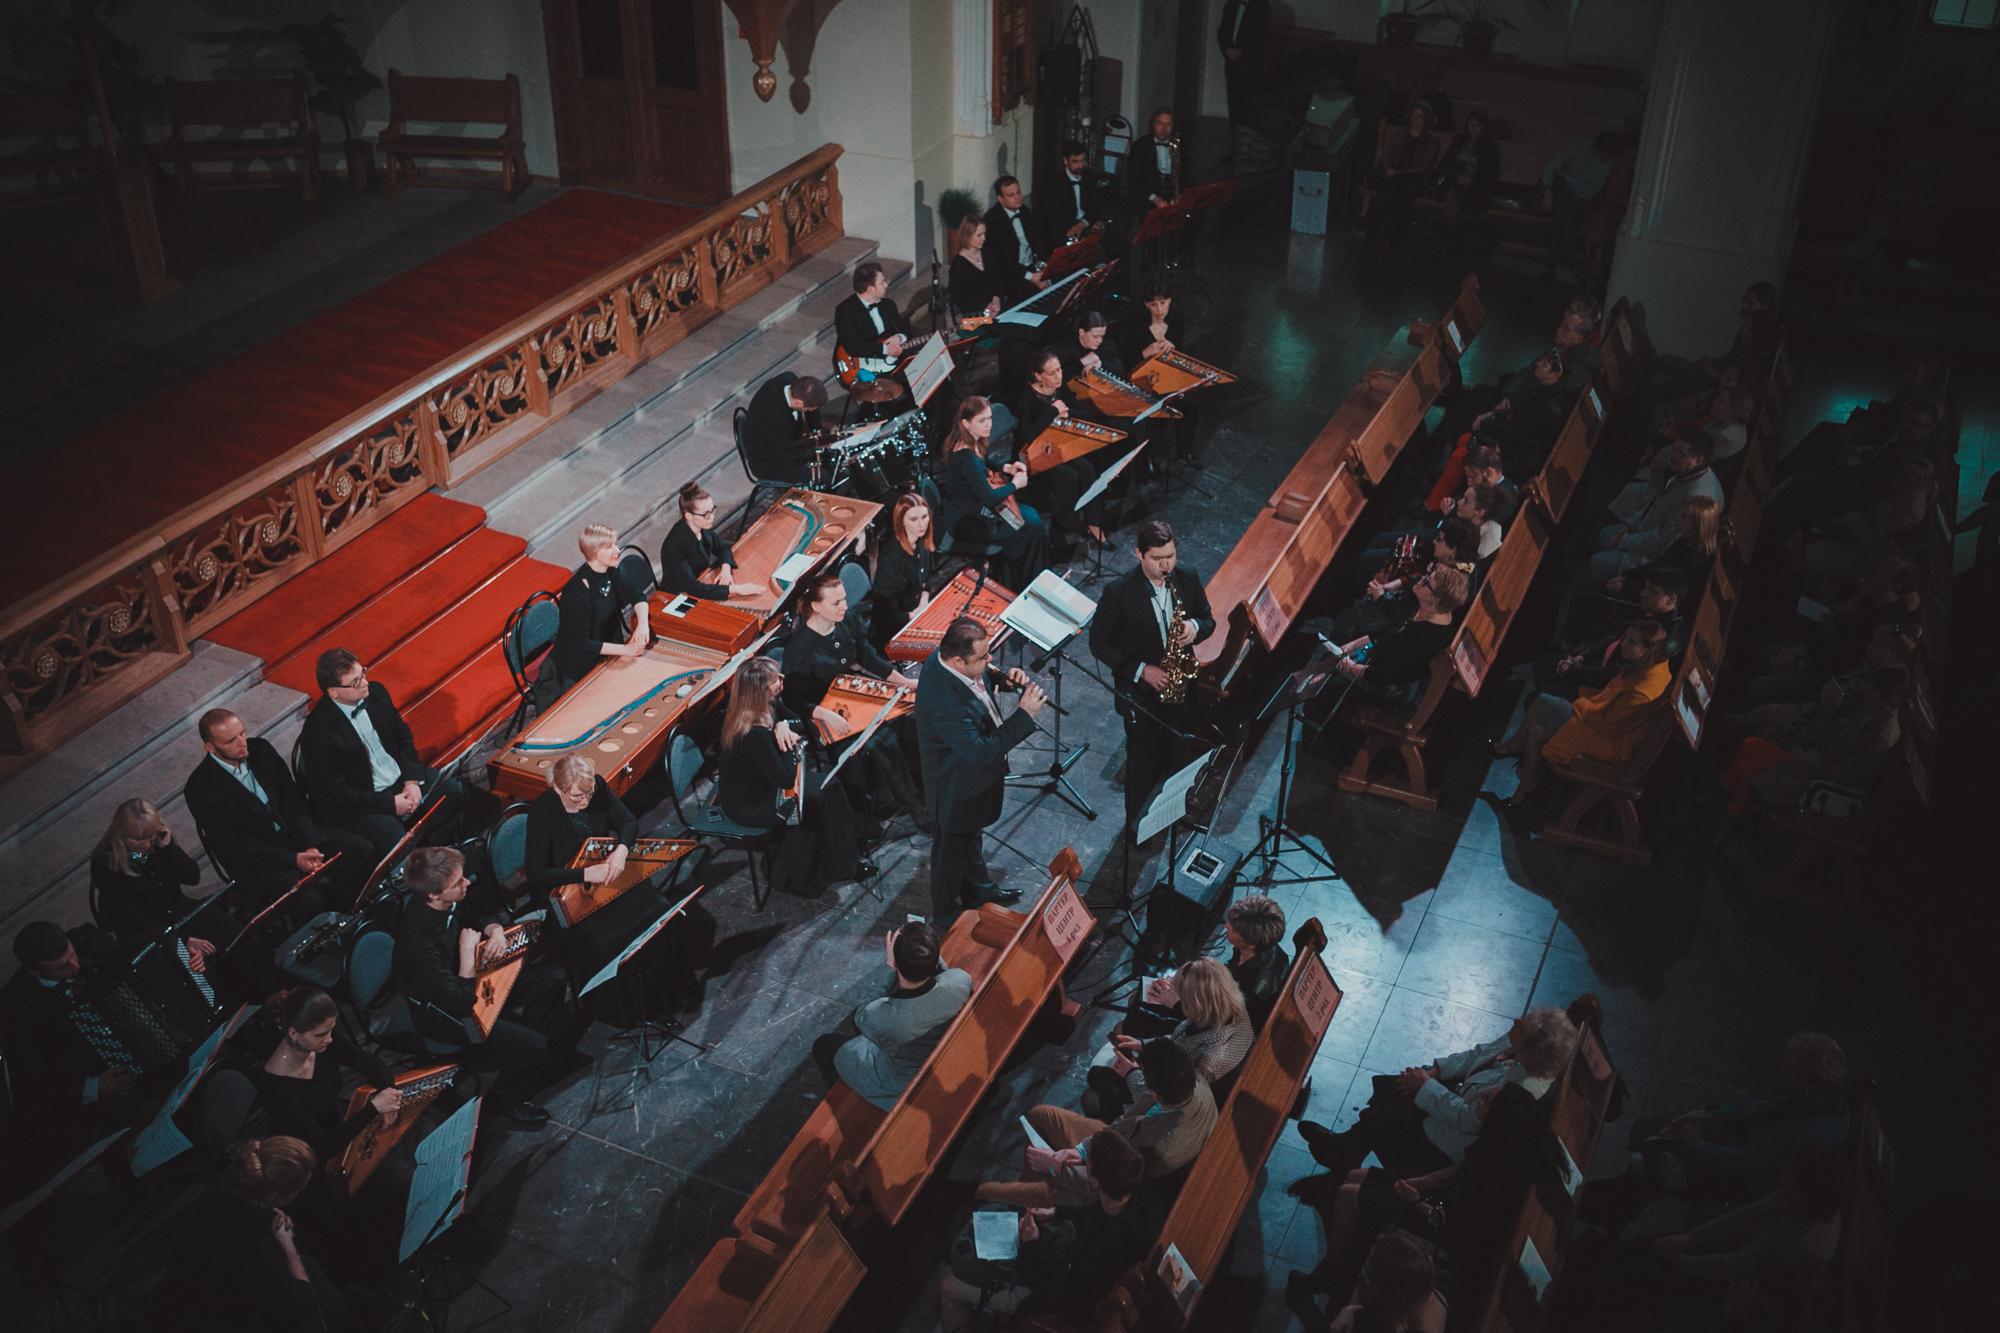 Афиша  Клуб Алексея Козлова  джаз джазрок фьюжн